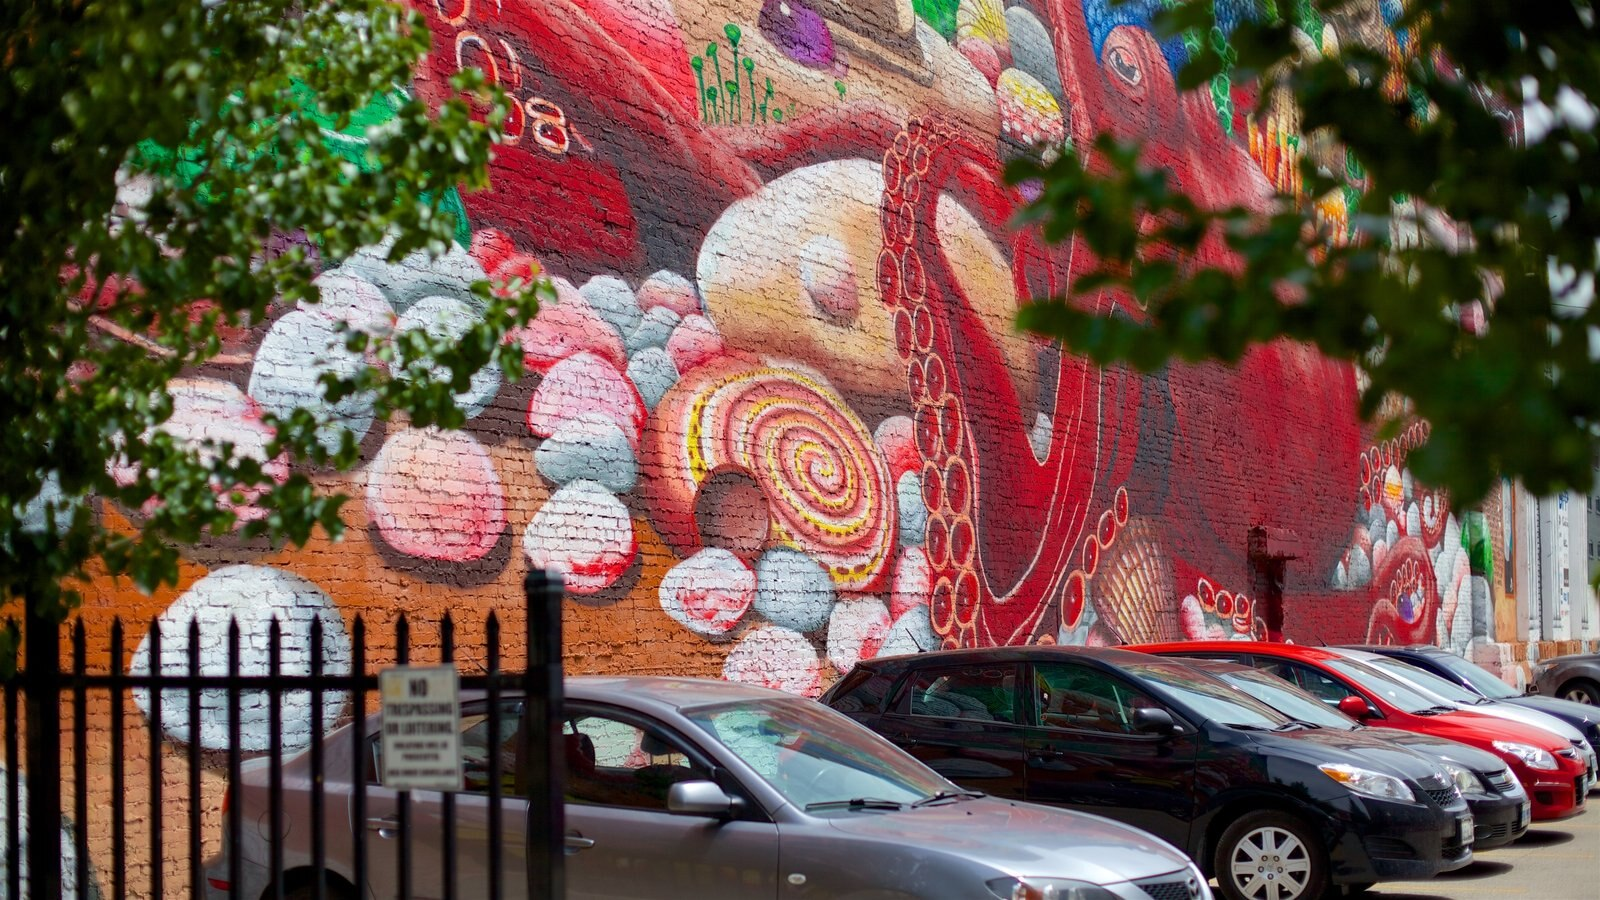 London, ON mostrando arte al aire libre y escenas urbanas